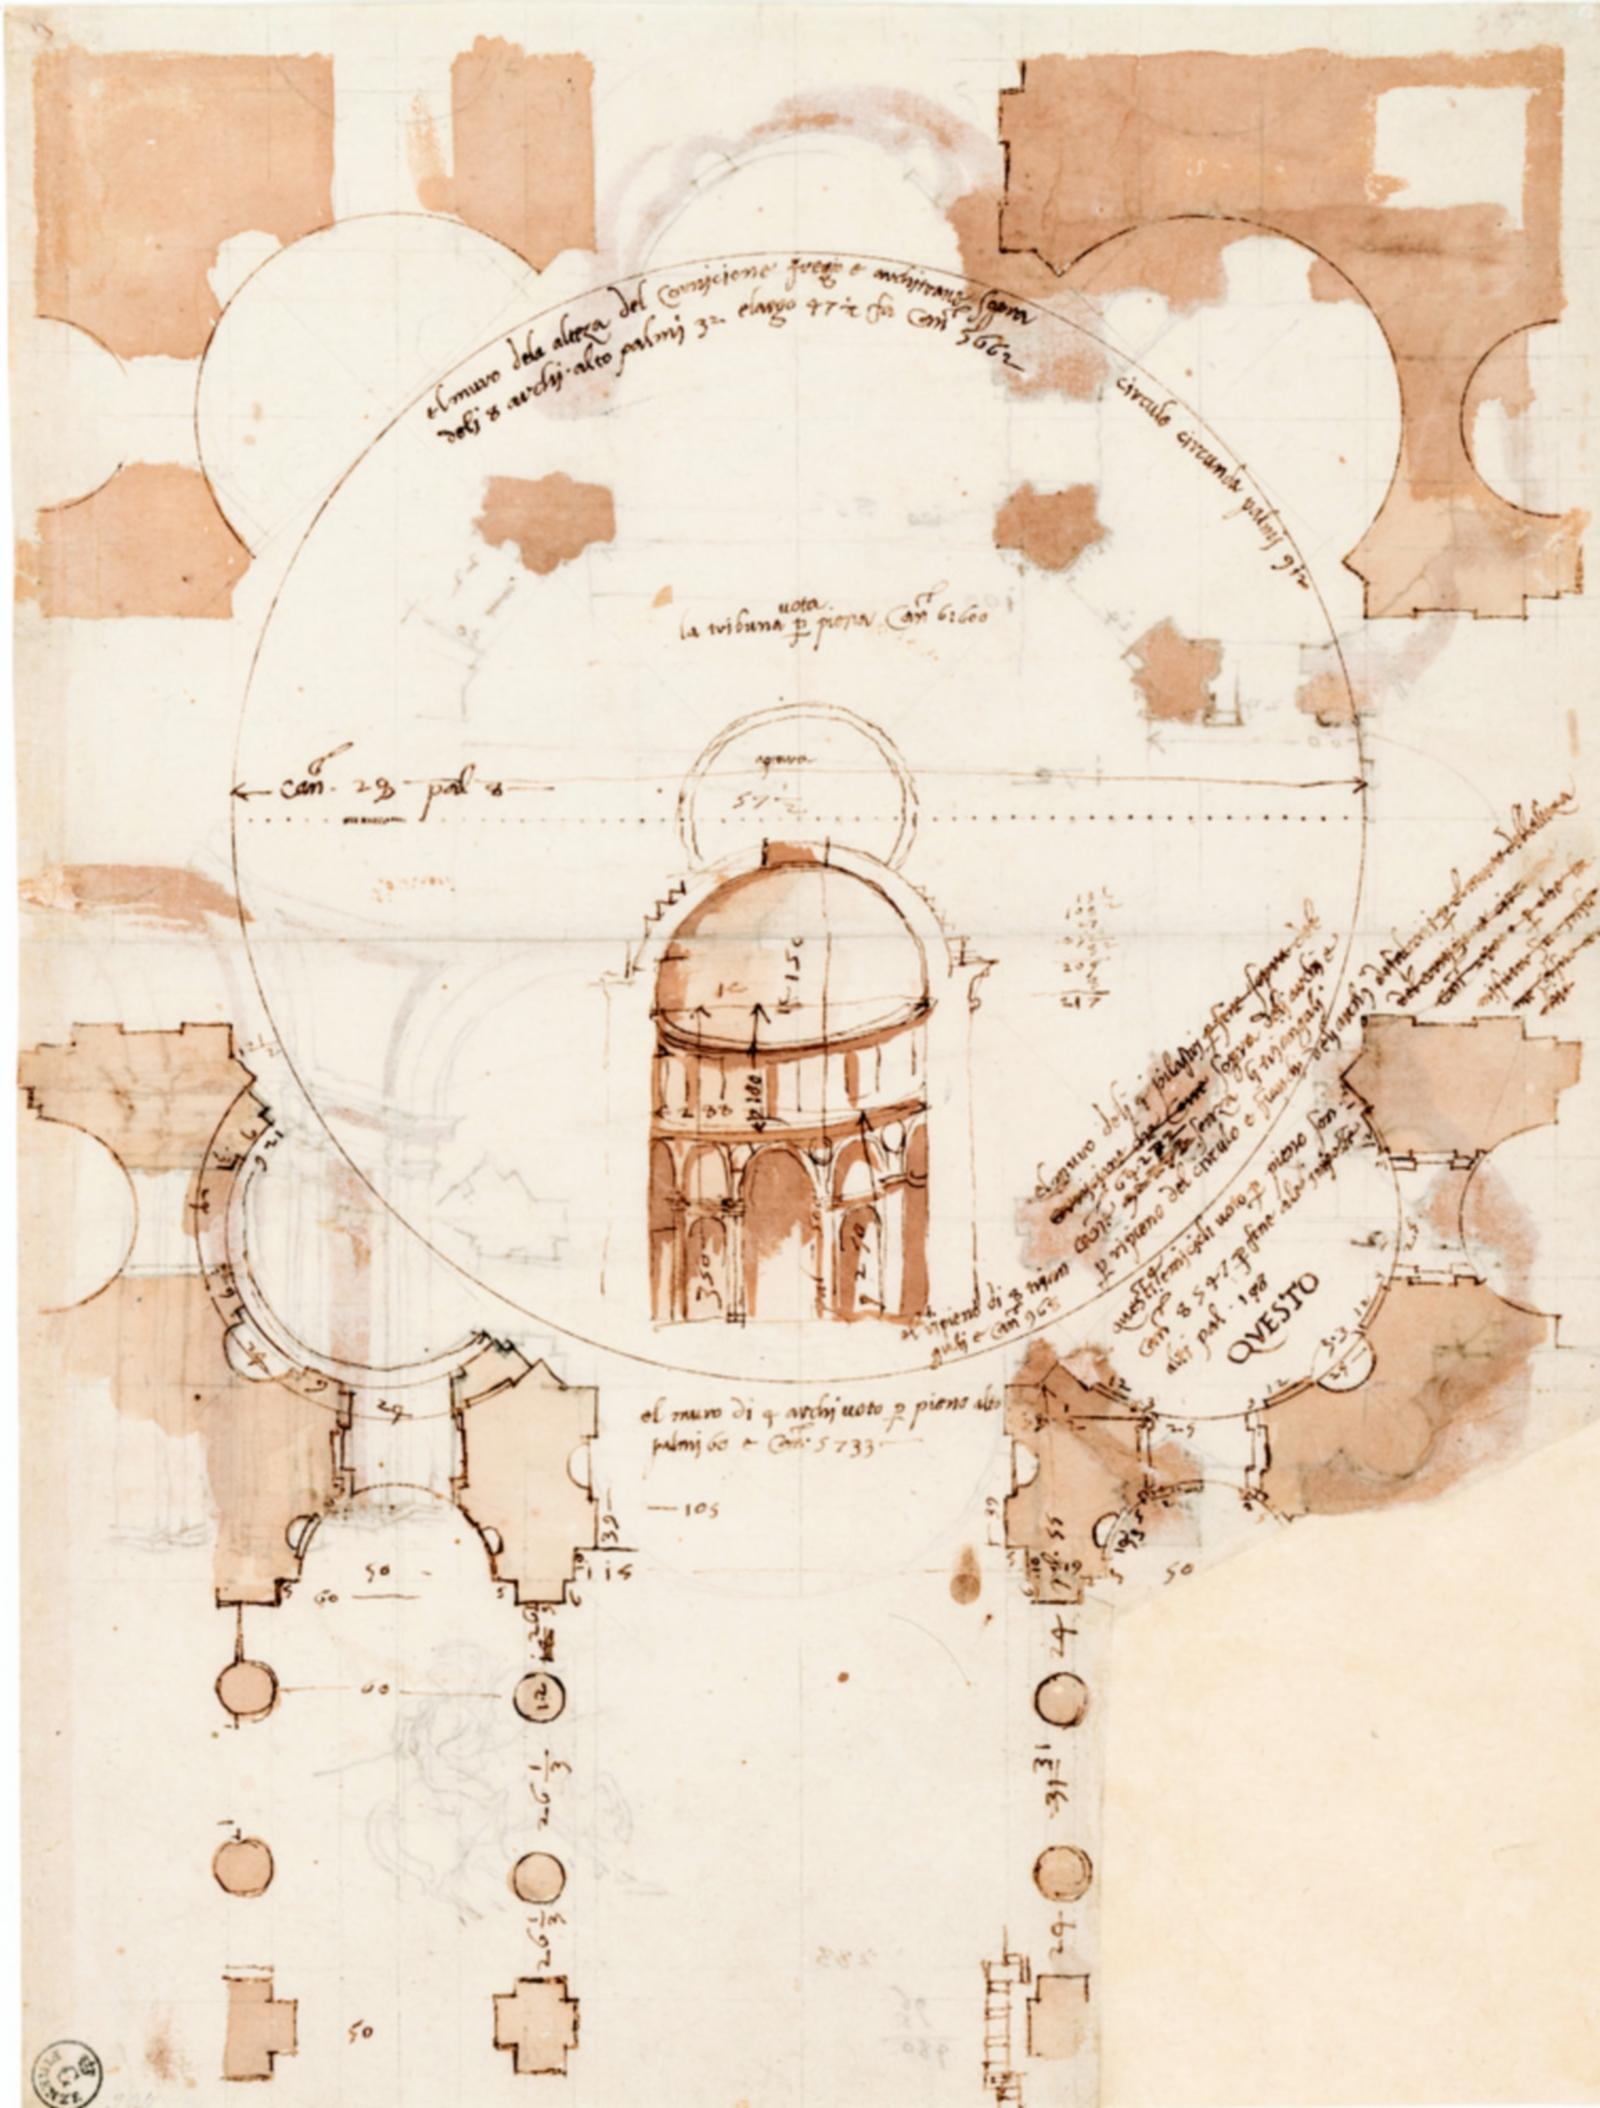 Dessin du début du XVIe siècle de Baldassare Peruzzi réfléchissant à quatre versions, en plan, de niches d'angle pour le carrefour central de Saint-Pierre de Rome.